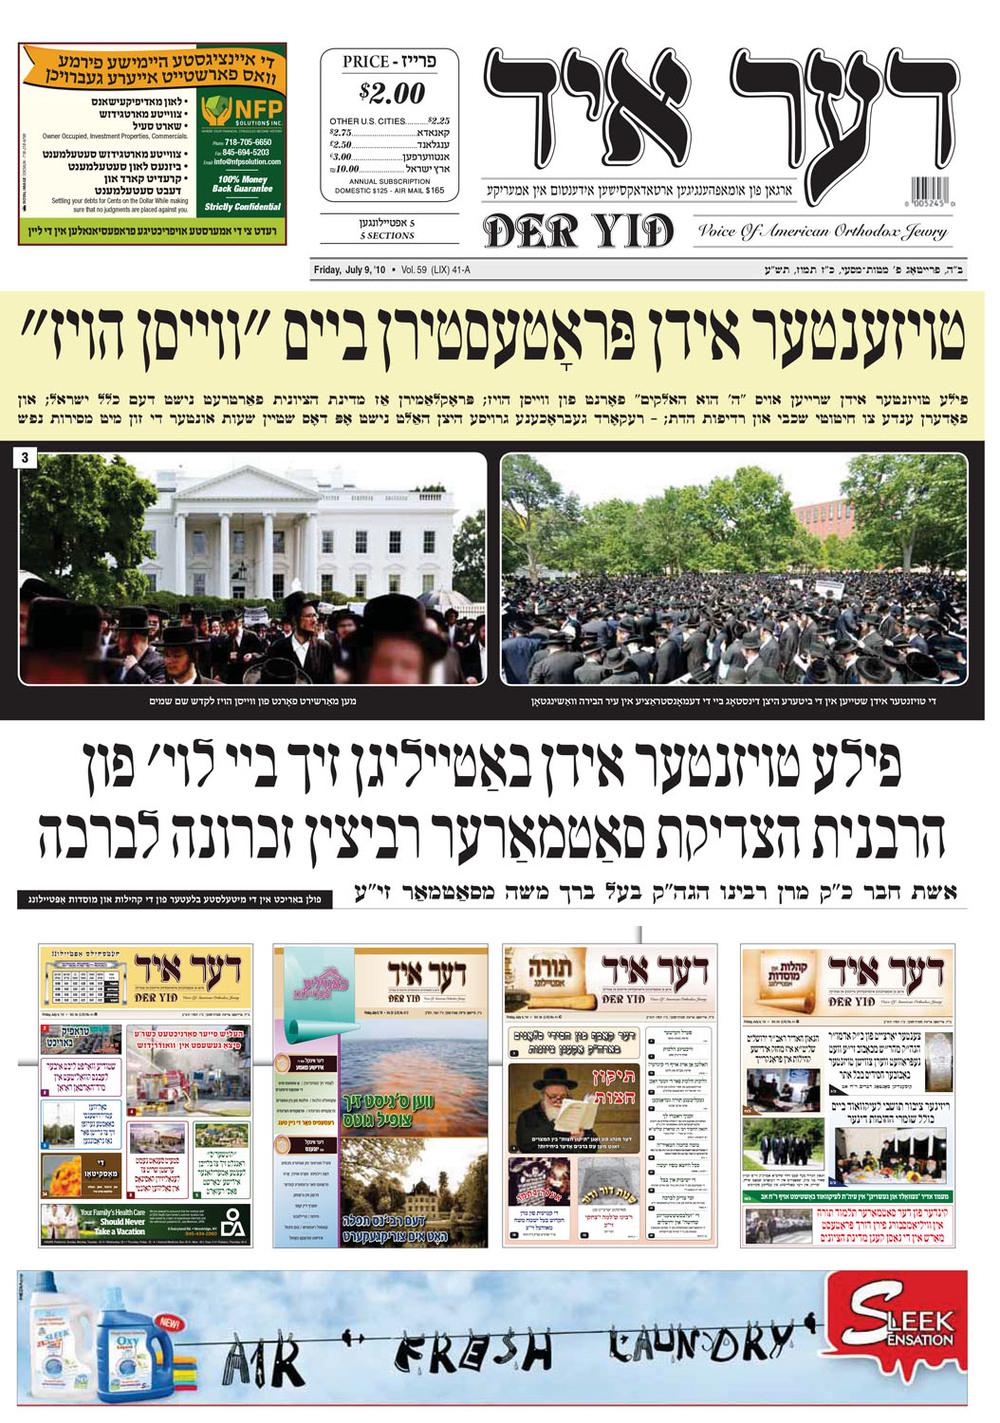 2010-7-9.jpg